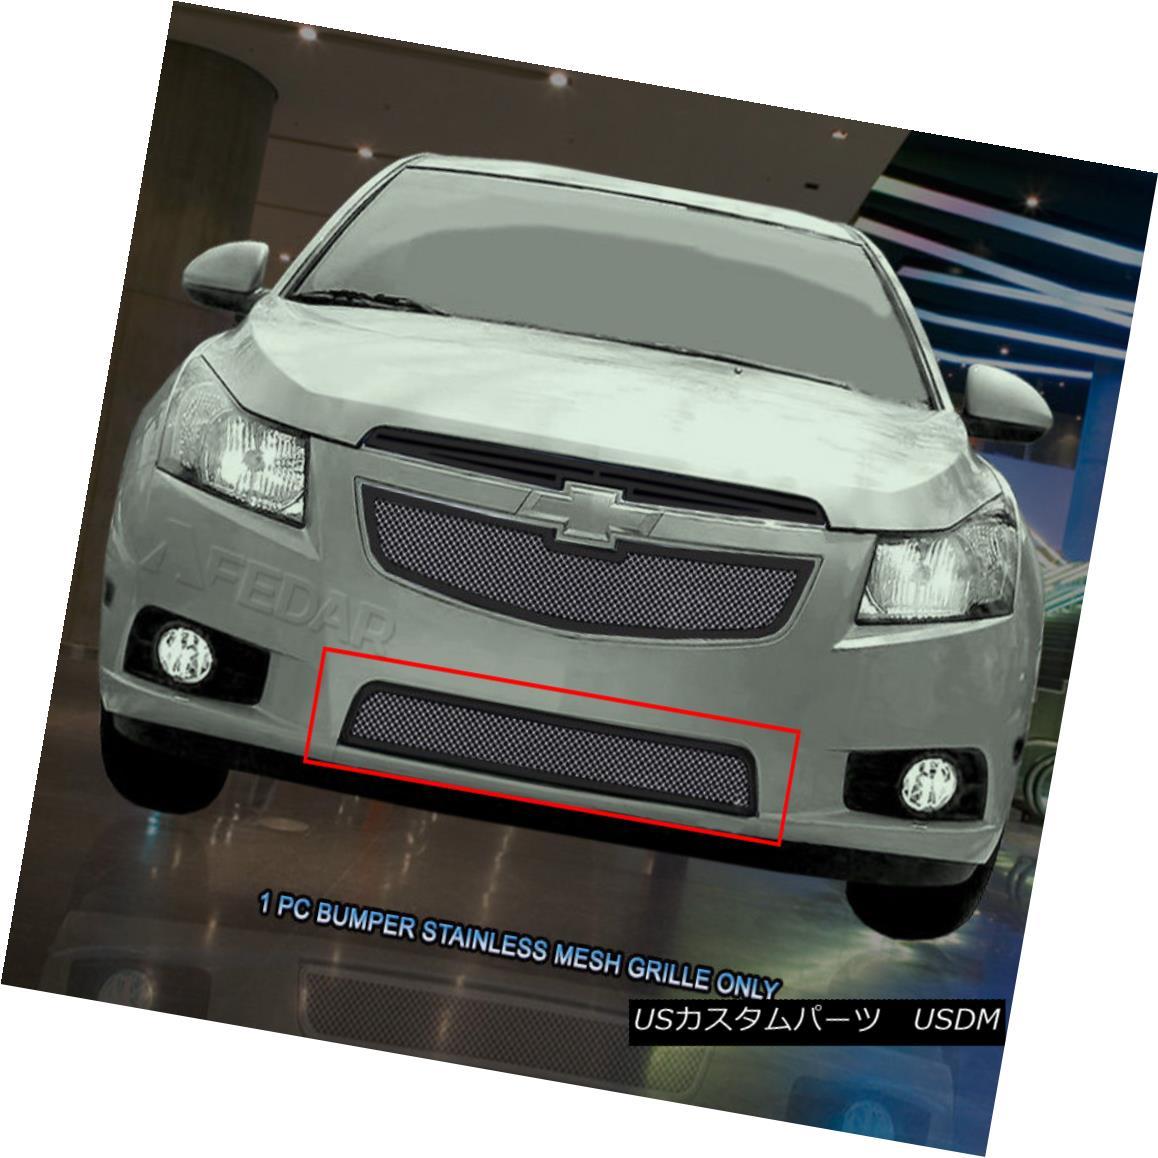 グリル Fedar Fits 11-14 Chevy Cruze LT RS/LTZ RS Chrome Overlay Wire Mesh Grille Insert Fedar 11-14シェビークルーズLT RS / LTZ RSクロームオーバーレイワイヤーメッシュグリルインサート